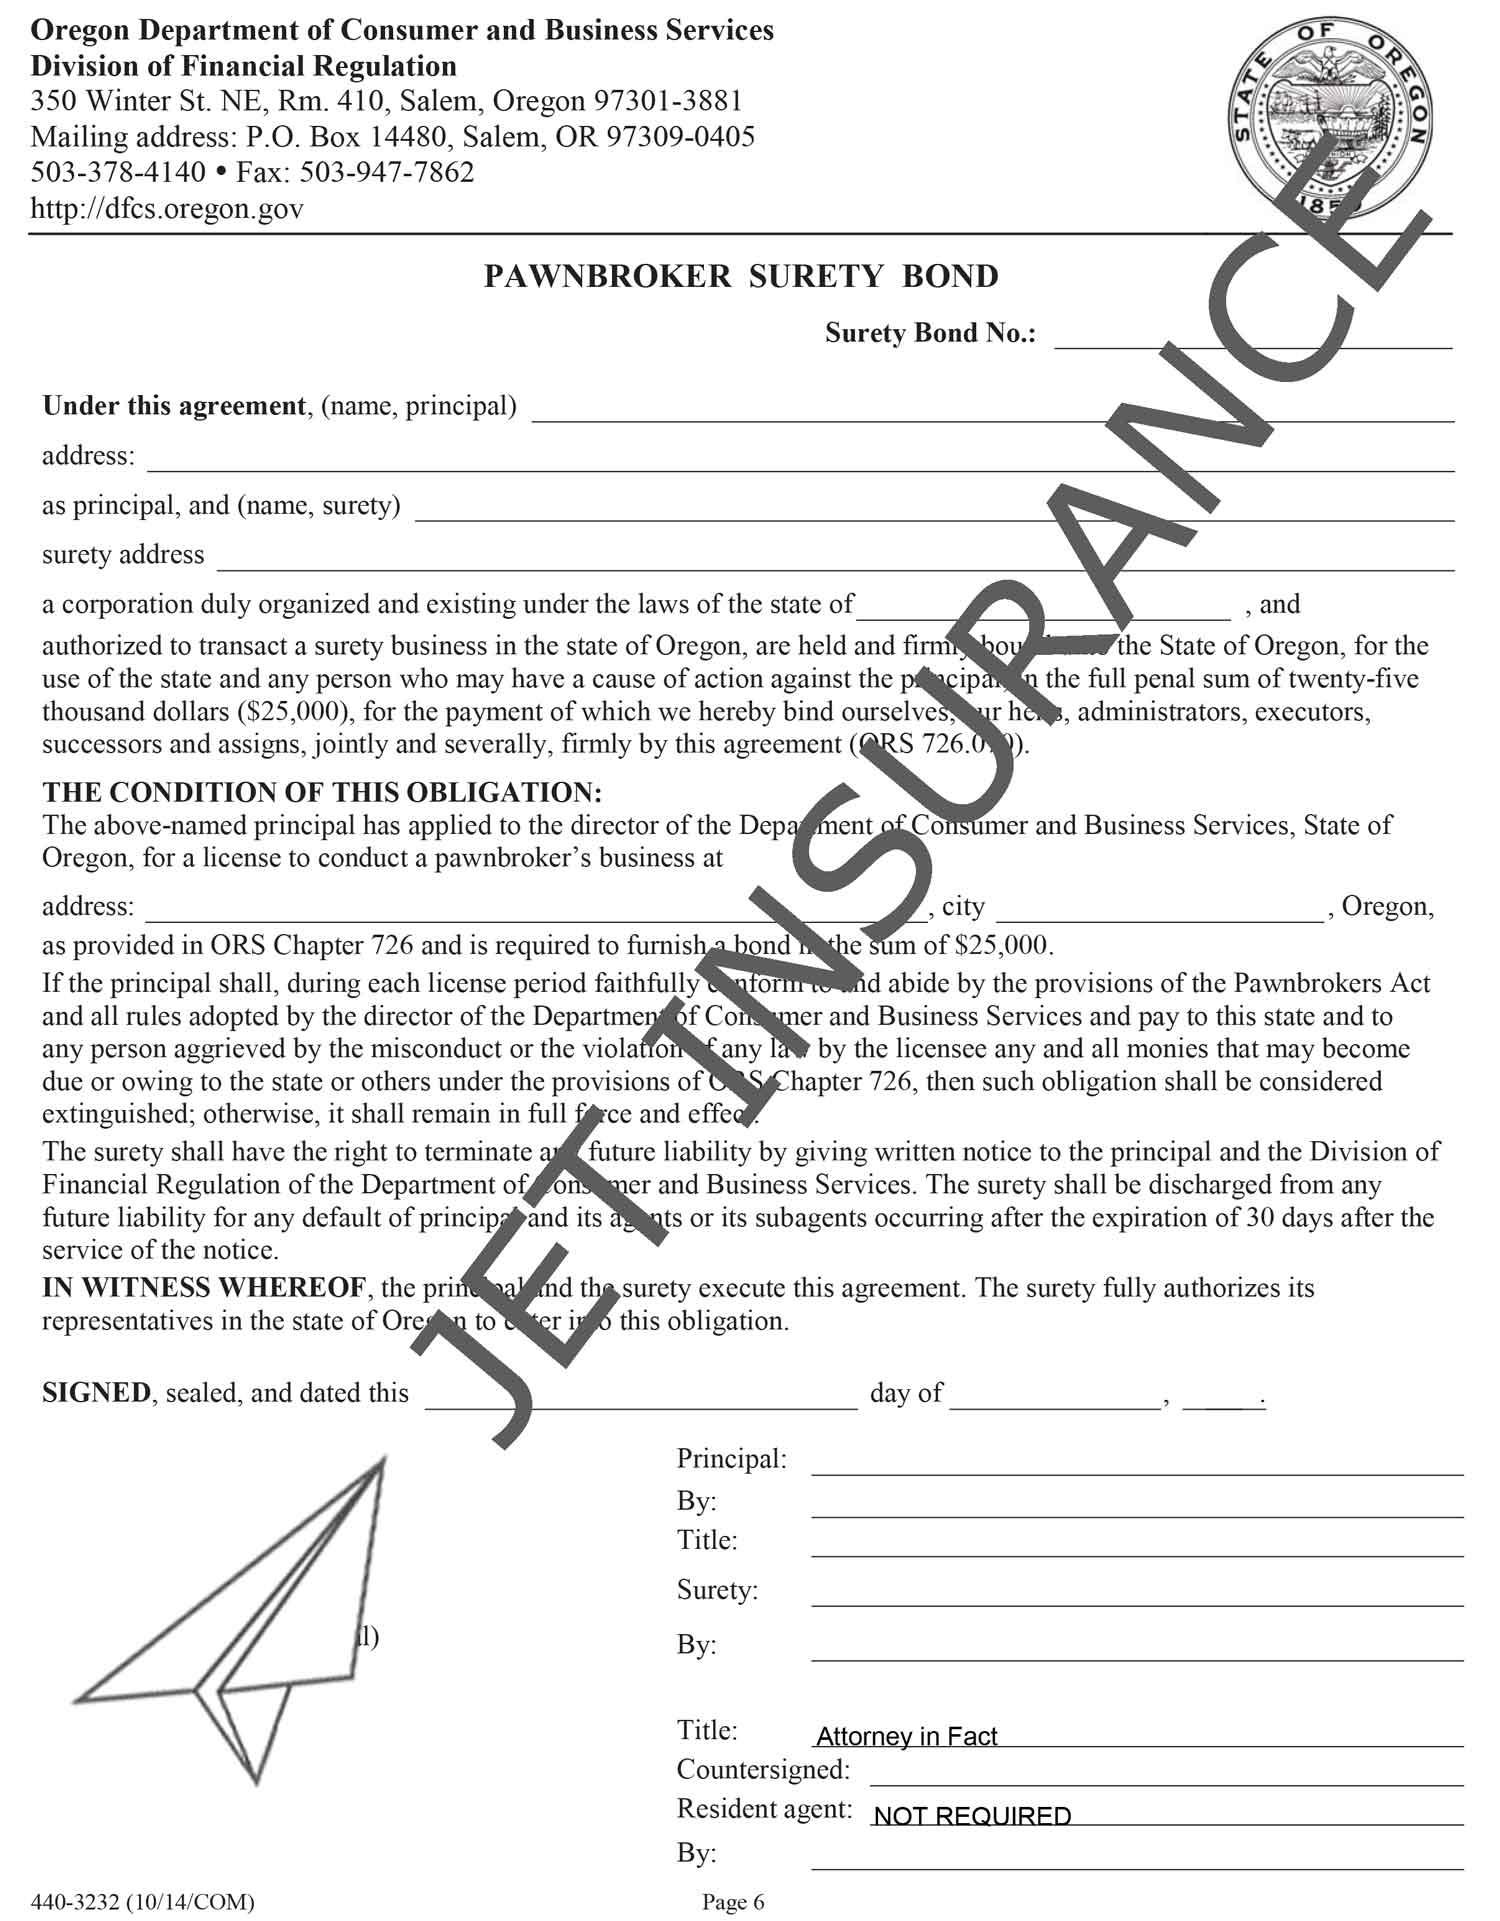 Oregon Pawnbroker Bond Form